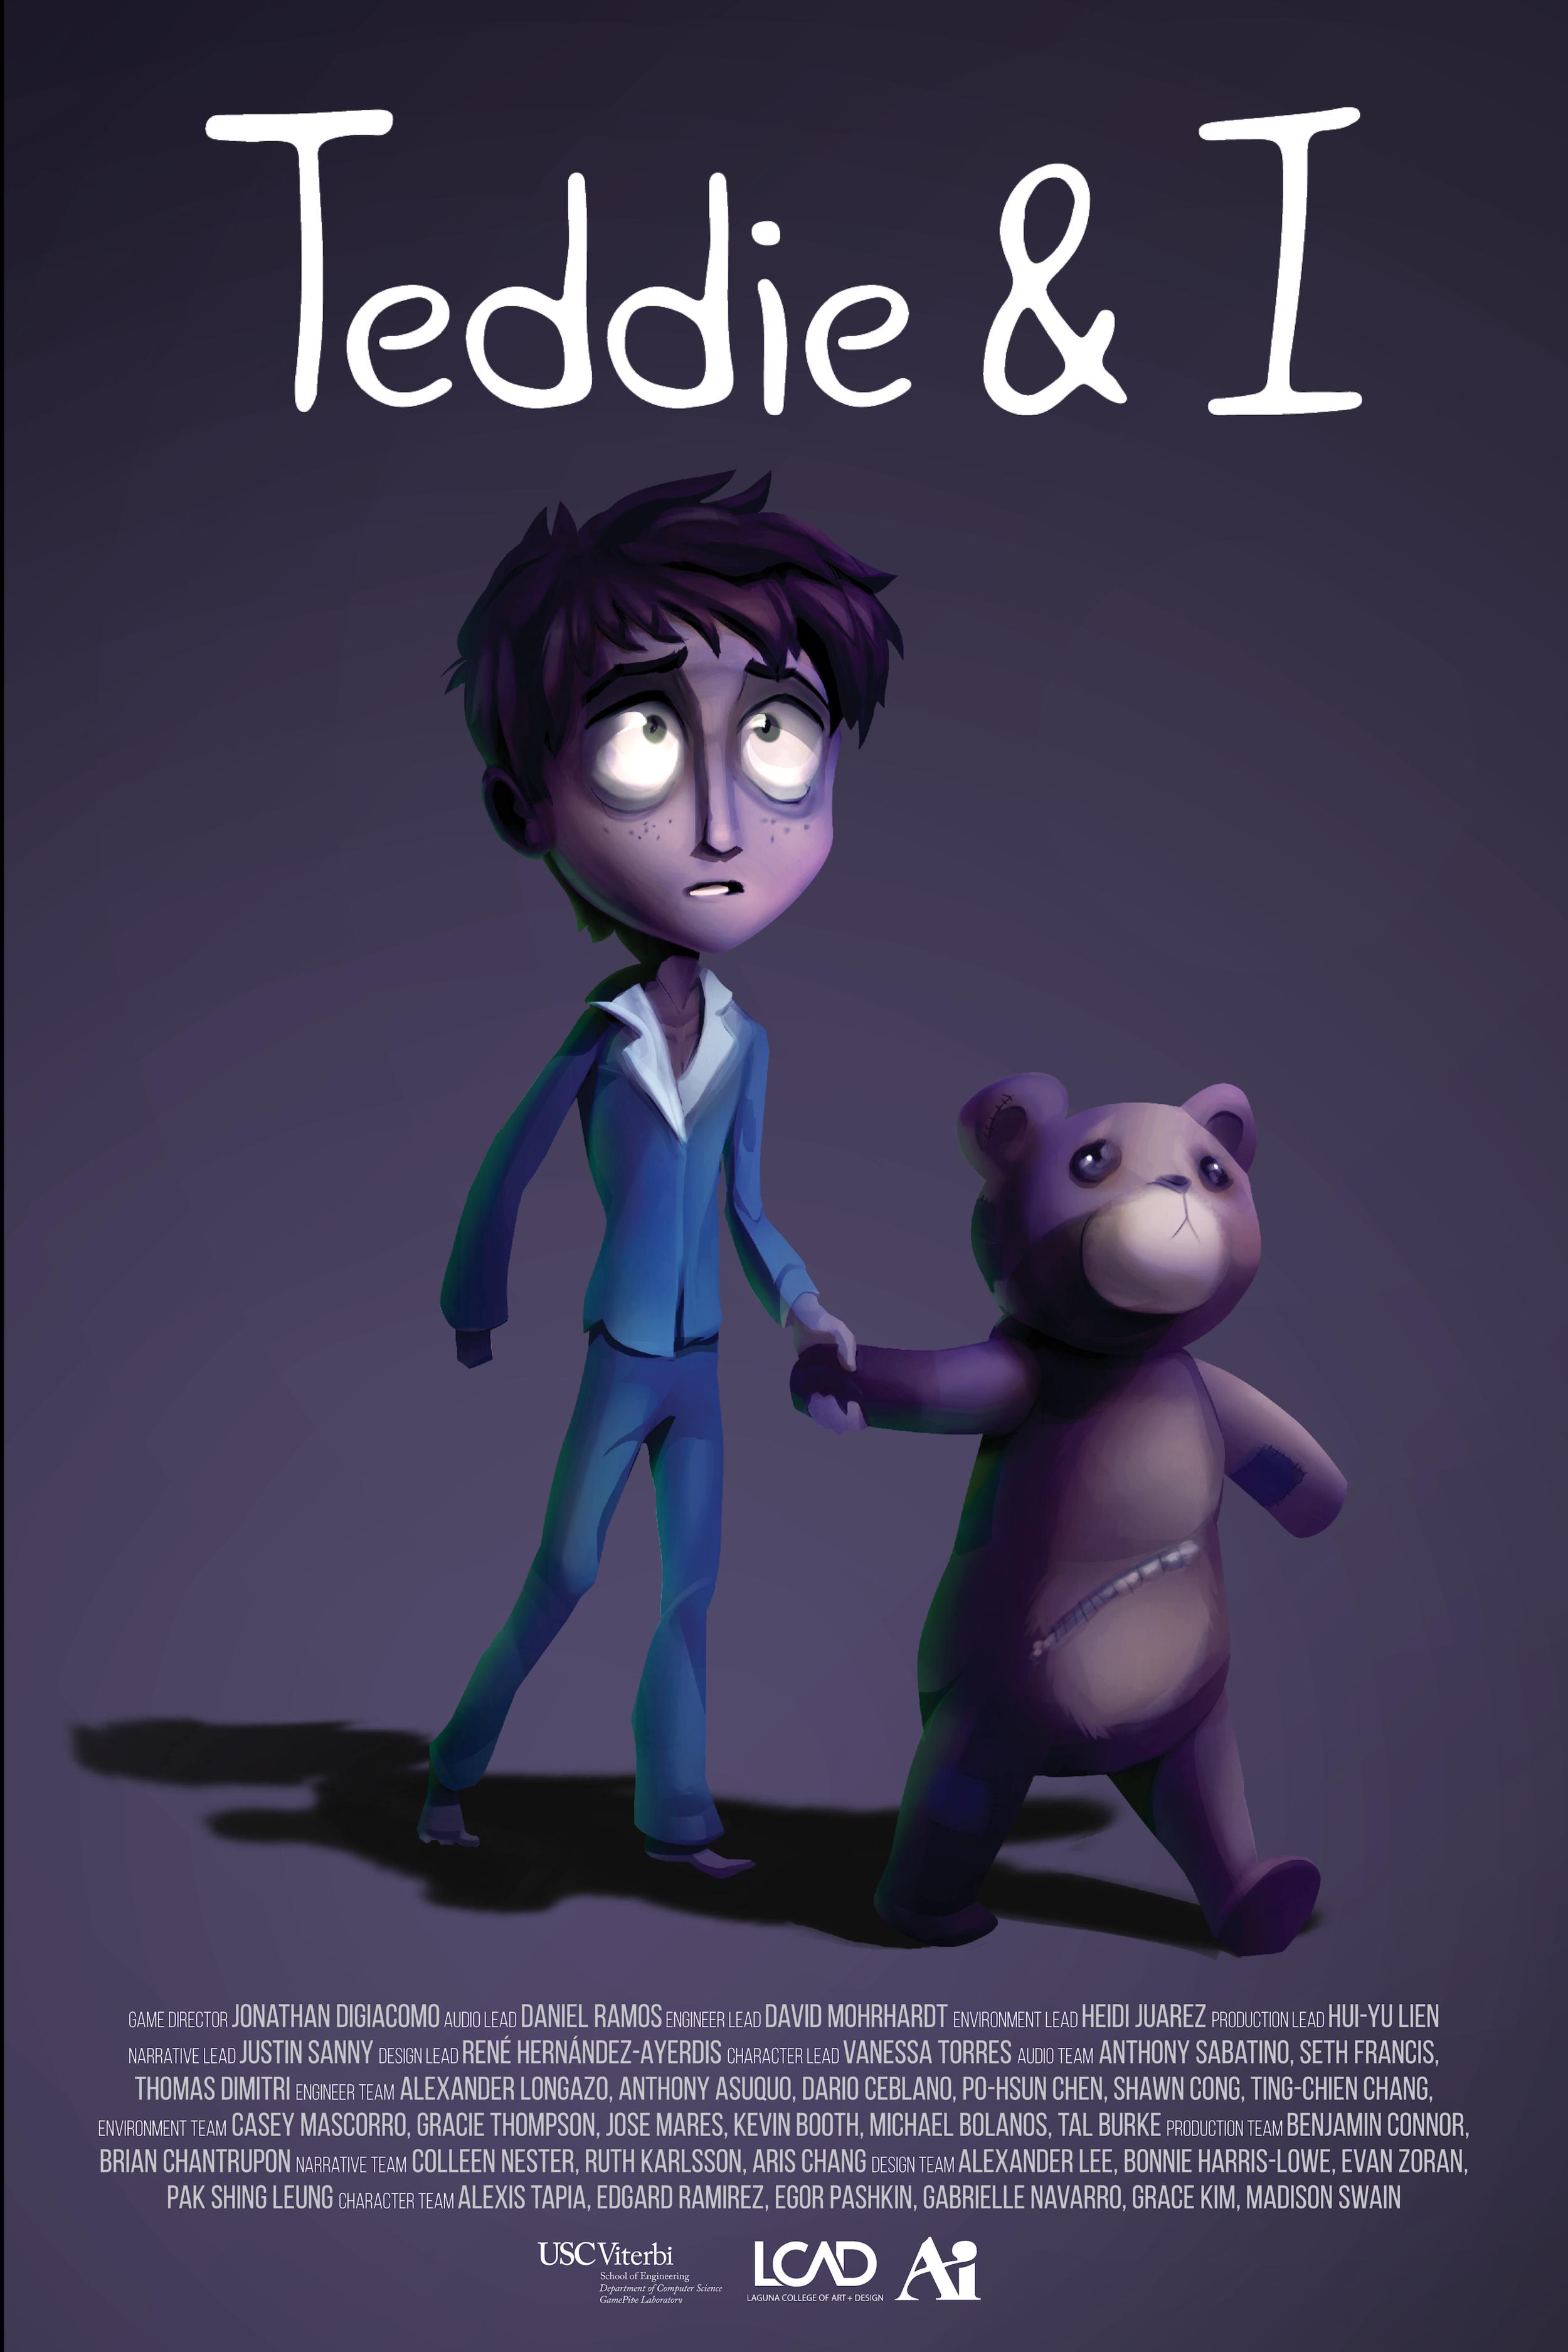 Teddie & I - Video Game